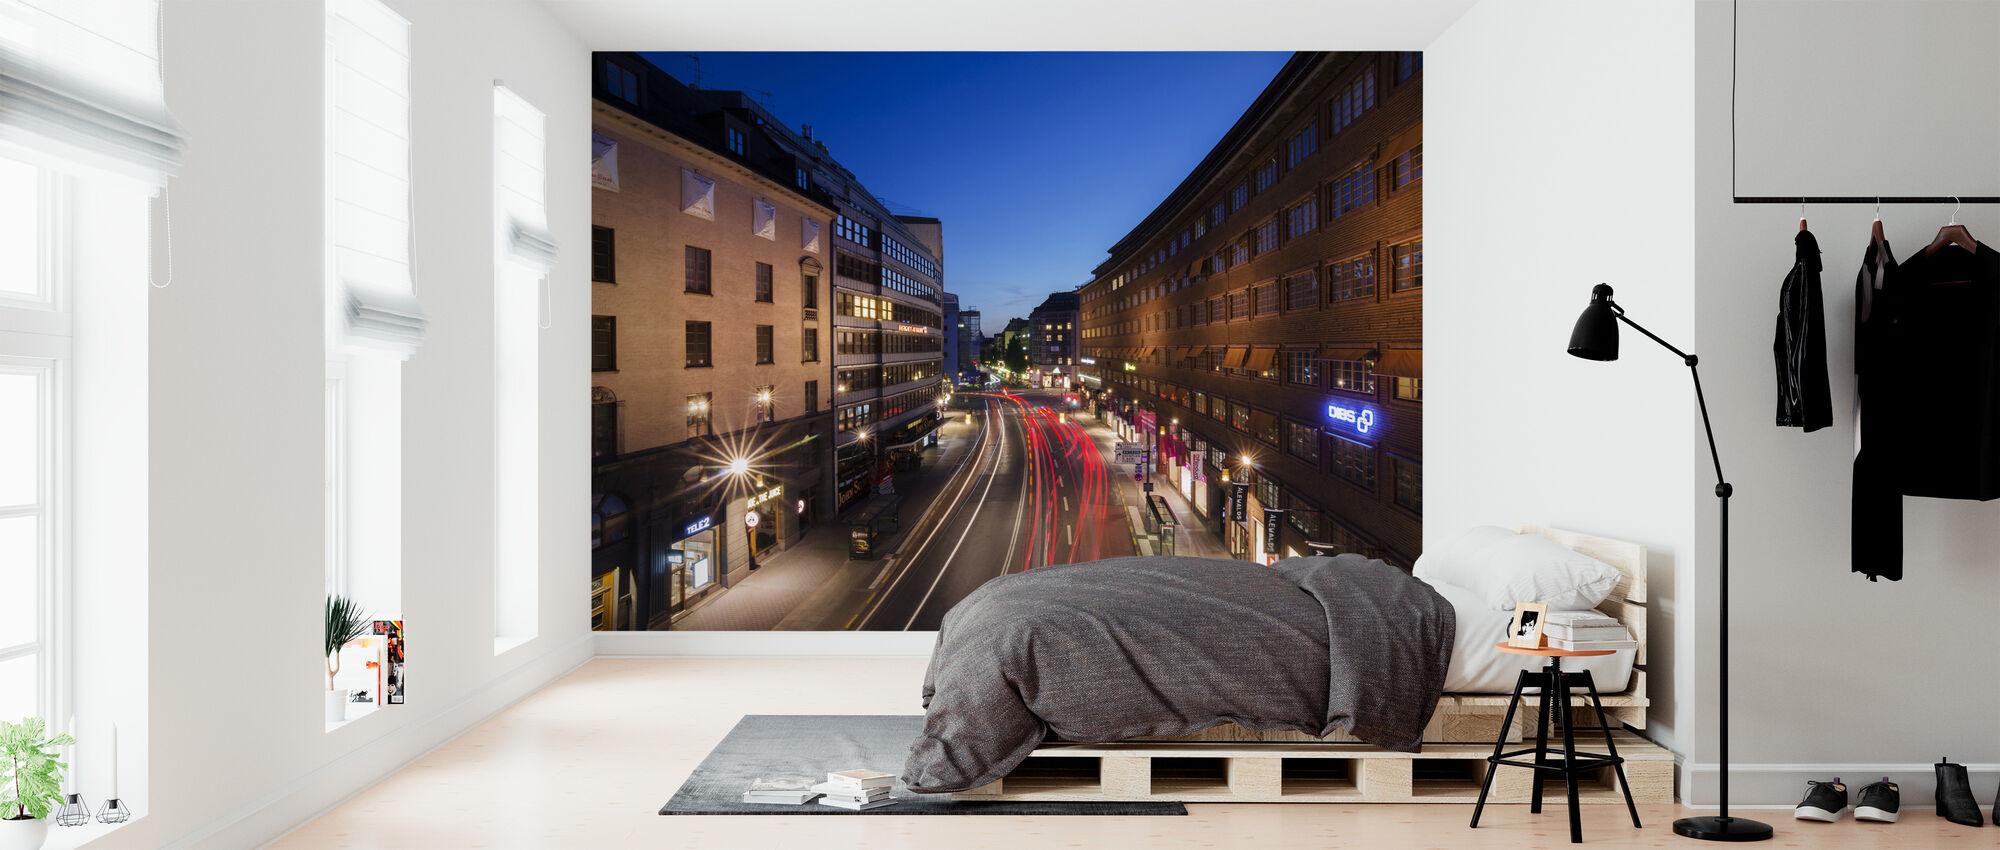 Light Streaks at Kungsgatan - Wallpaper - Bedroom